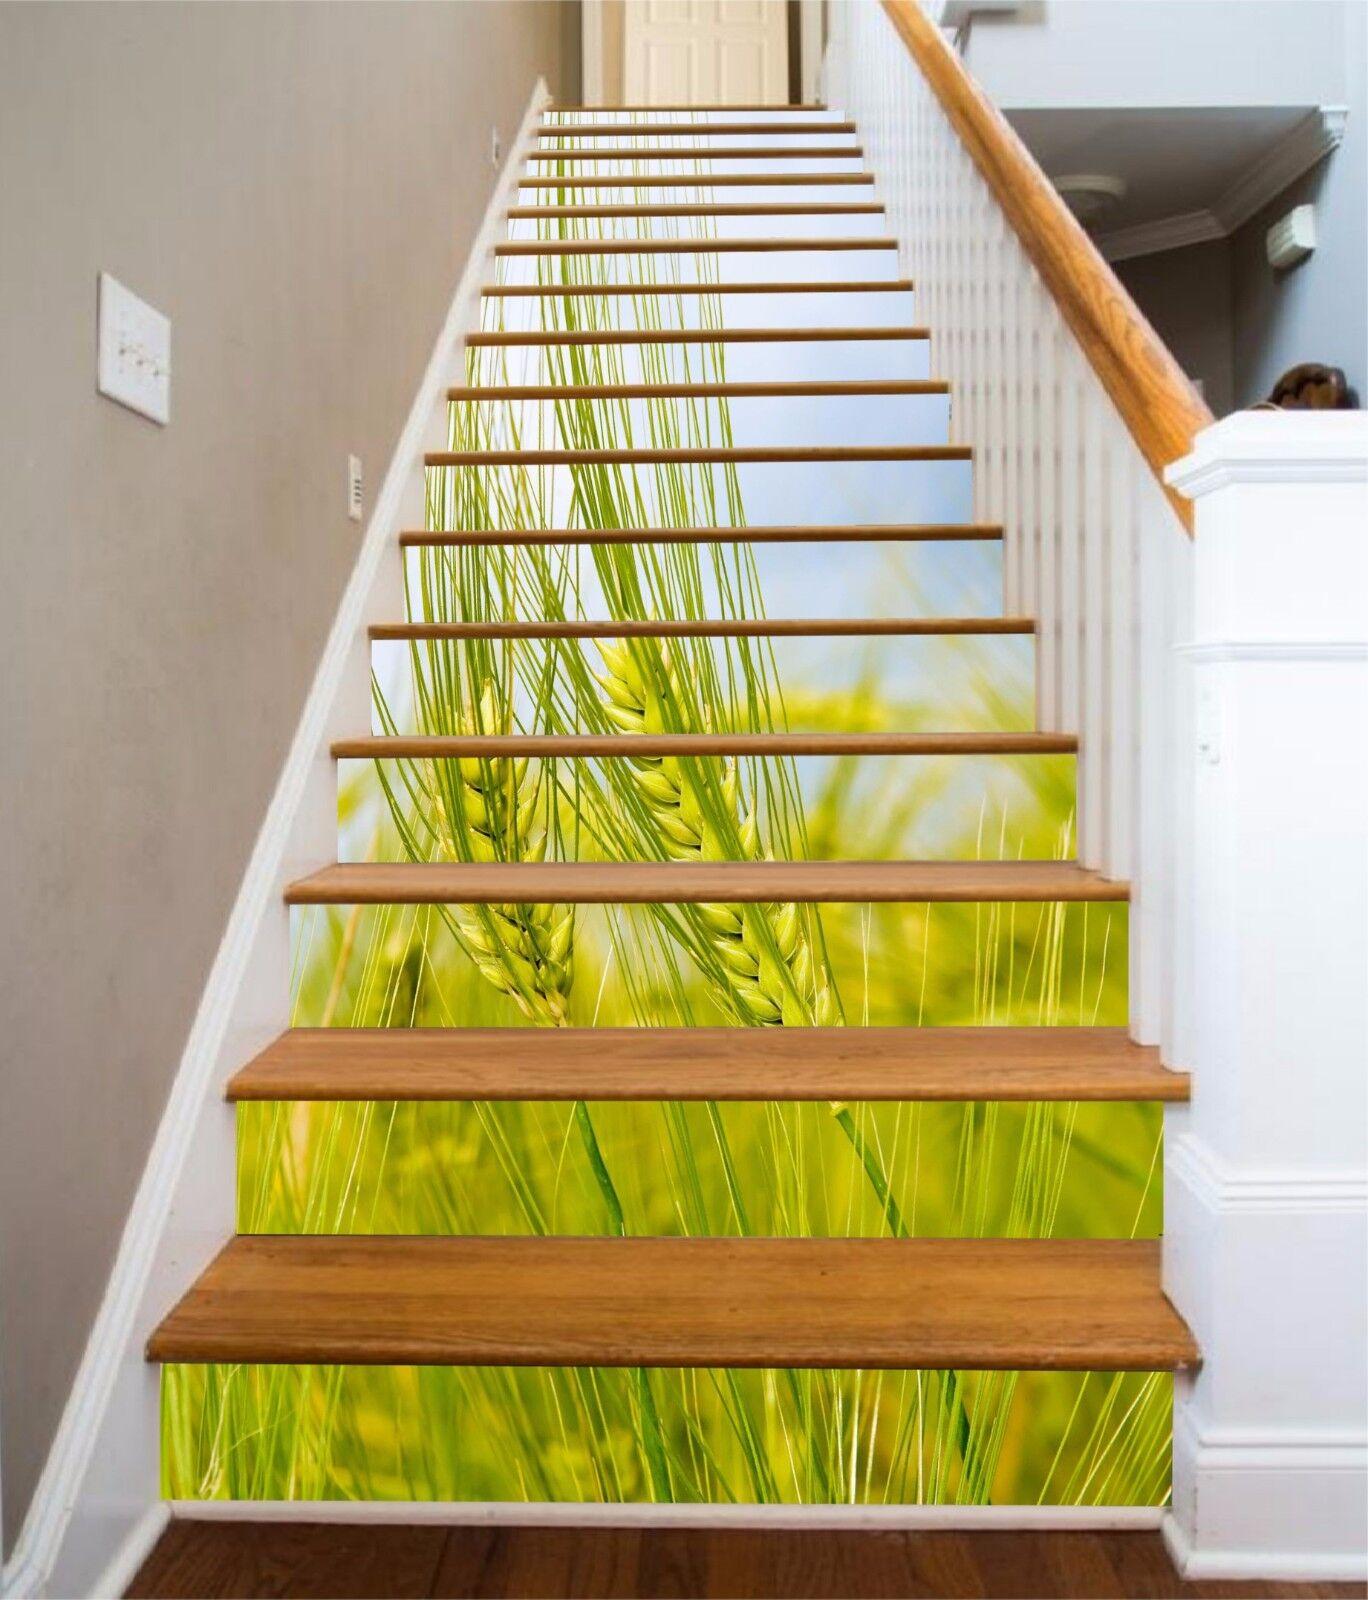 3D Fresh Wheat 8351 Stair Risers Decoration Photo Mural Vinyl Decal Wallpaper AU